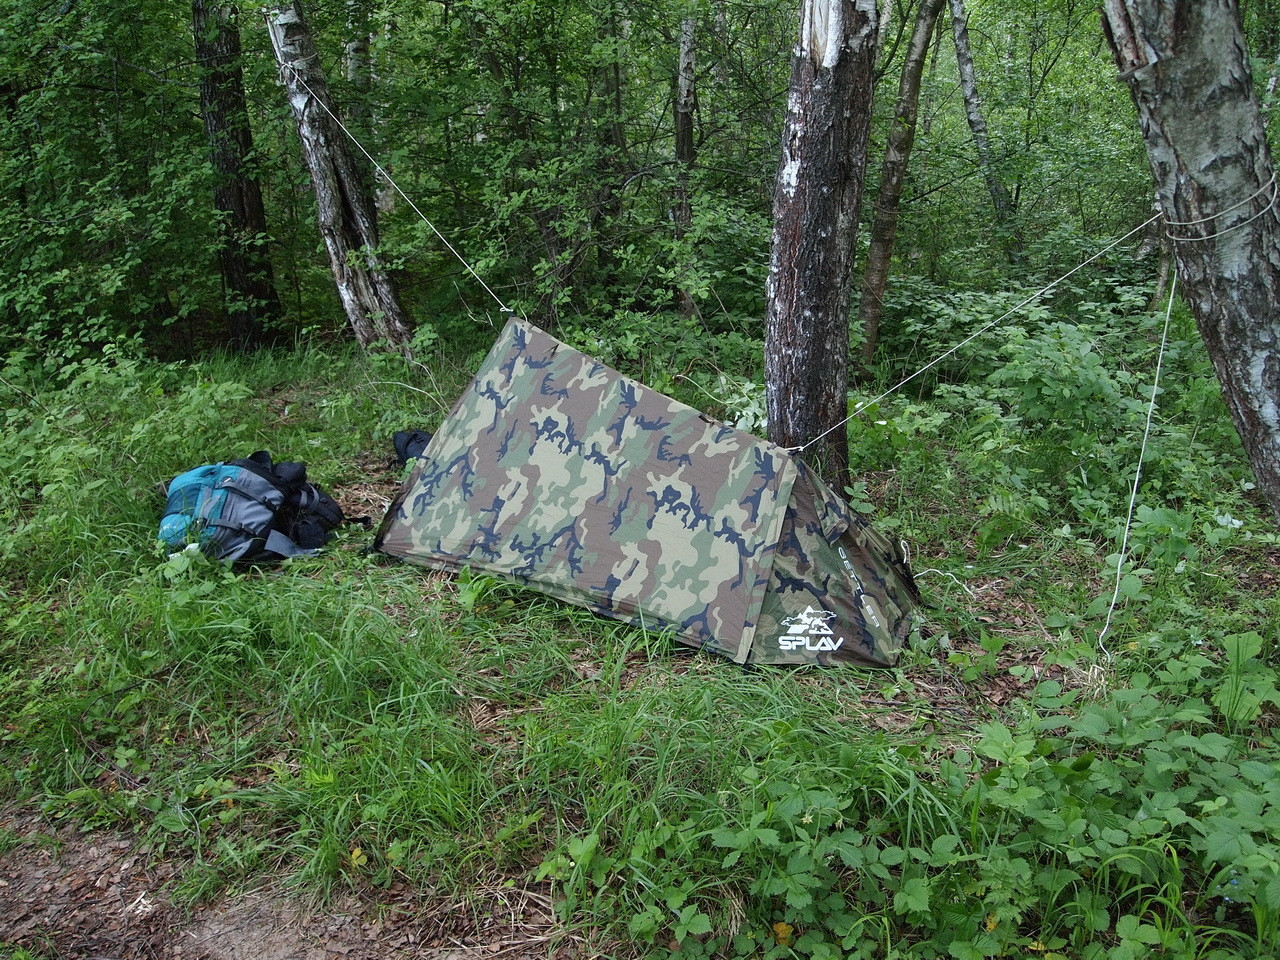 Палатка Сплав Settler R, одноместная, цвет: зеленый5050110Универсальна легкая однослойная палатка с отдельным тамбуром.В качестве стоек можно использовать штатные стойки, покупаемые отдельно, трекинговые палки или подручный материал.Дополнительные петли на коньке позволяют устанавливать палатку без стоек при помощи внешних опор. К примеру, между двумя деревьями.Имеет не только просторное спальное отделение на одного человека, но и достаточно просторный, полностью закрываемый тамбур для вещей.Все швы проклеены.Вентиляционное окно на торцевом скате и большое вентиляционное окно с противомоскитной сеткой в спальном отделении создают хорошую проточную вентиляцию.Разъемные стягивающие стропы на сумке позволят легко ее закрепить под рюкзаком без дополнительных элементов крепления. При этом палатку можно будет доставать из сумки, не отстегивая саму сумку от рюкзака (необходимое условие: рюкзак должен иметь на дне стропы для внешней навески).Веревки оттяжек имеют вплетенную светоотражающую нить.Стойки и колышки в комплект не входят.Сезонность: 3.Количество мест: 1.Габариты и вес:Размеры внешней палатки, тента (Д?Ш?В): 235?140?100 см.Размеры спального места (Д?Ш?В): 235?80/50?100/60 см.Размеры в упакованном виде (Д?Ш?В): 42?14?14 см.Полный вес: 1,10 кг.Материалы:Внешний тент: Polyester 75D/190T PU 3000 мм.Дно: Polyester 100D PU 5000 мм.Фурнитура: YKK. Что взять с собой в поход?. Статья OZON Гид